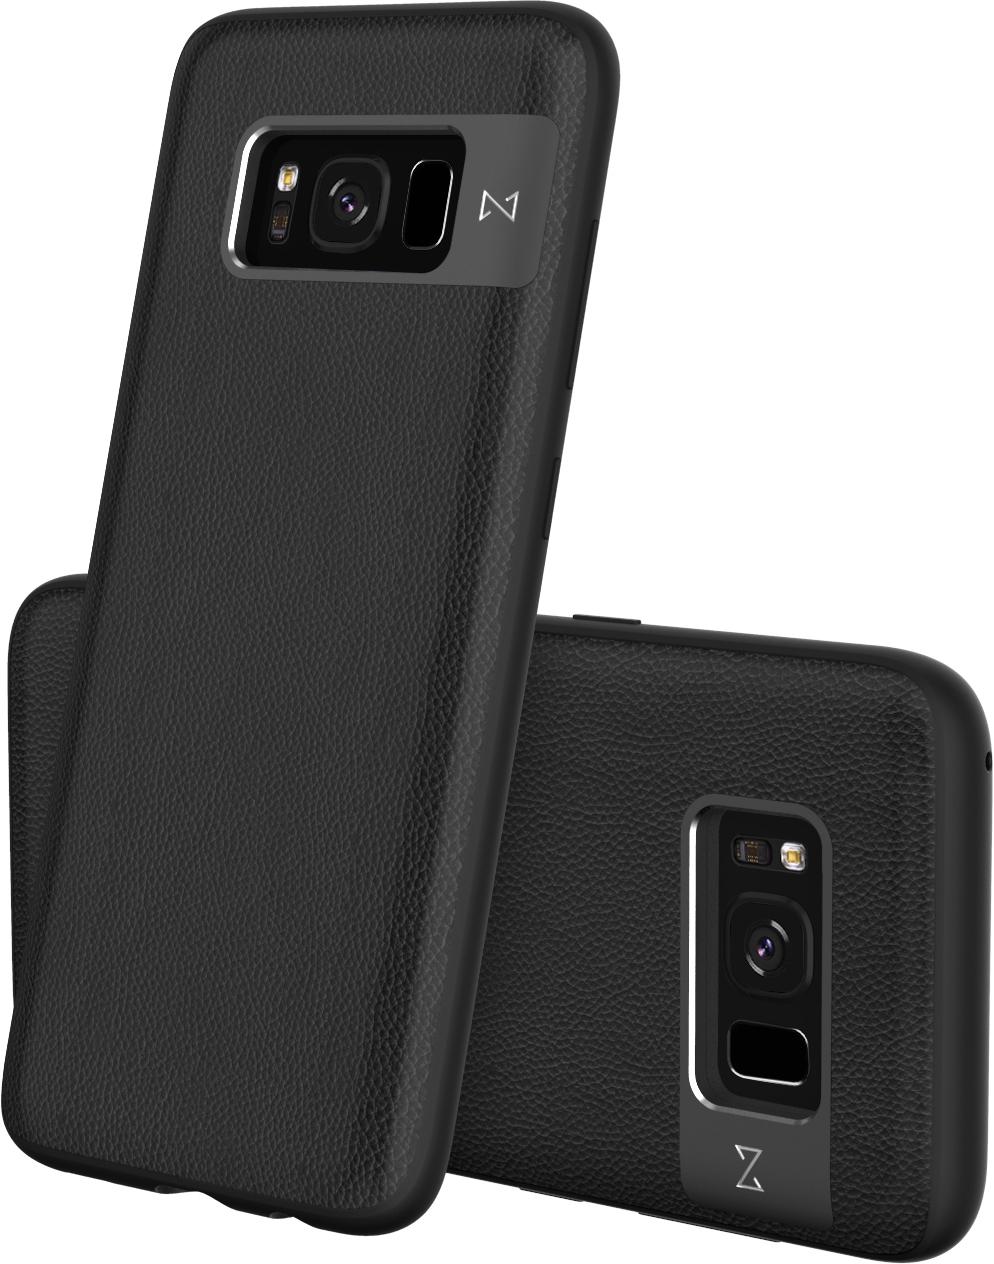 Matchnine Tailor чехол для Samsung Galaxy S8 Plus, BlackENV054Чехол Matchnine Tailor - стильный аксессуар, обеспечивающий надежную защиту Samsung Galaxy S8 Plus от ударов и других воздействий. Его задняя панель изготовлена из жесткого поликарбоната, стилизованного под кожу, а бампер - из эластичного полиуретана. Кроме того, он украшен металлической накладкой, обрамляющей камеру.Мягкая рамка позволяет быстро надевать клип-кейс. Она слегка выступает над экраном, защищая его от контактов с твердыми поверхностями.Несмотря на отличные защитные свойства, чехол практически не увеличивает размеры устройства. С ним мобильный девайс можно носить в кармане или в специальном отделении сумки. Вырезы в клип-кейсе предоставляют доступ к важнейшим деталям смартфона, включая камеры, кнопки и разъемы.